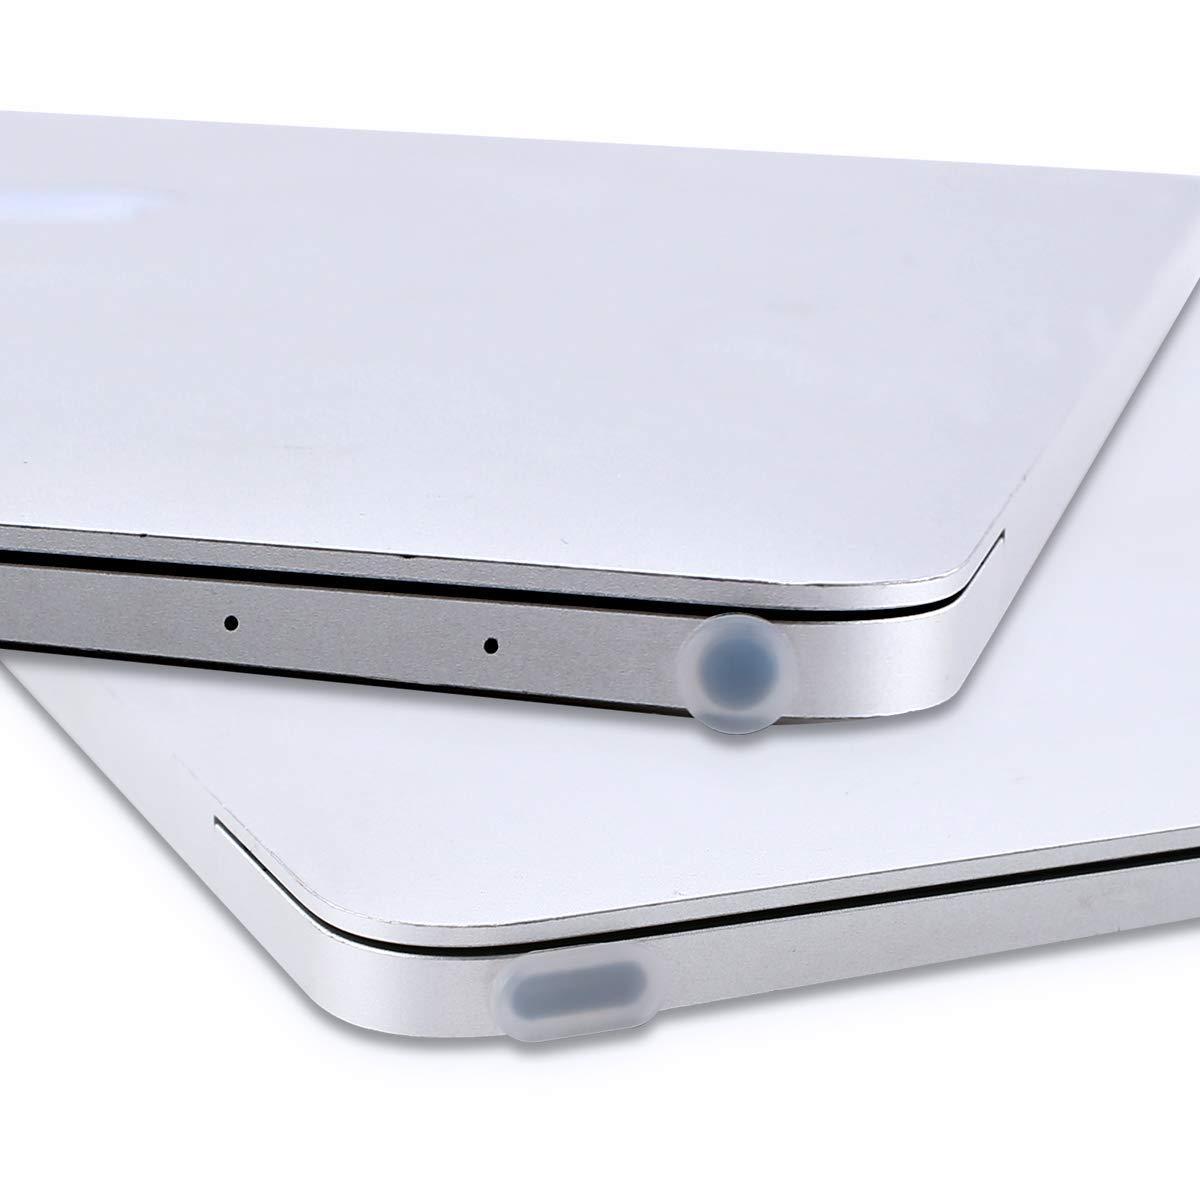 MOSISO Kit de Protecci/ón Completa Compatible 2017 2016 MacBook Pro 13 sin Touch Bar A1708 Protector de Pantalla/&Cubierta de Teclado TPU/&Tap/ón de Polvo/&Cubierta de Webcam/&Protector de Trackpad